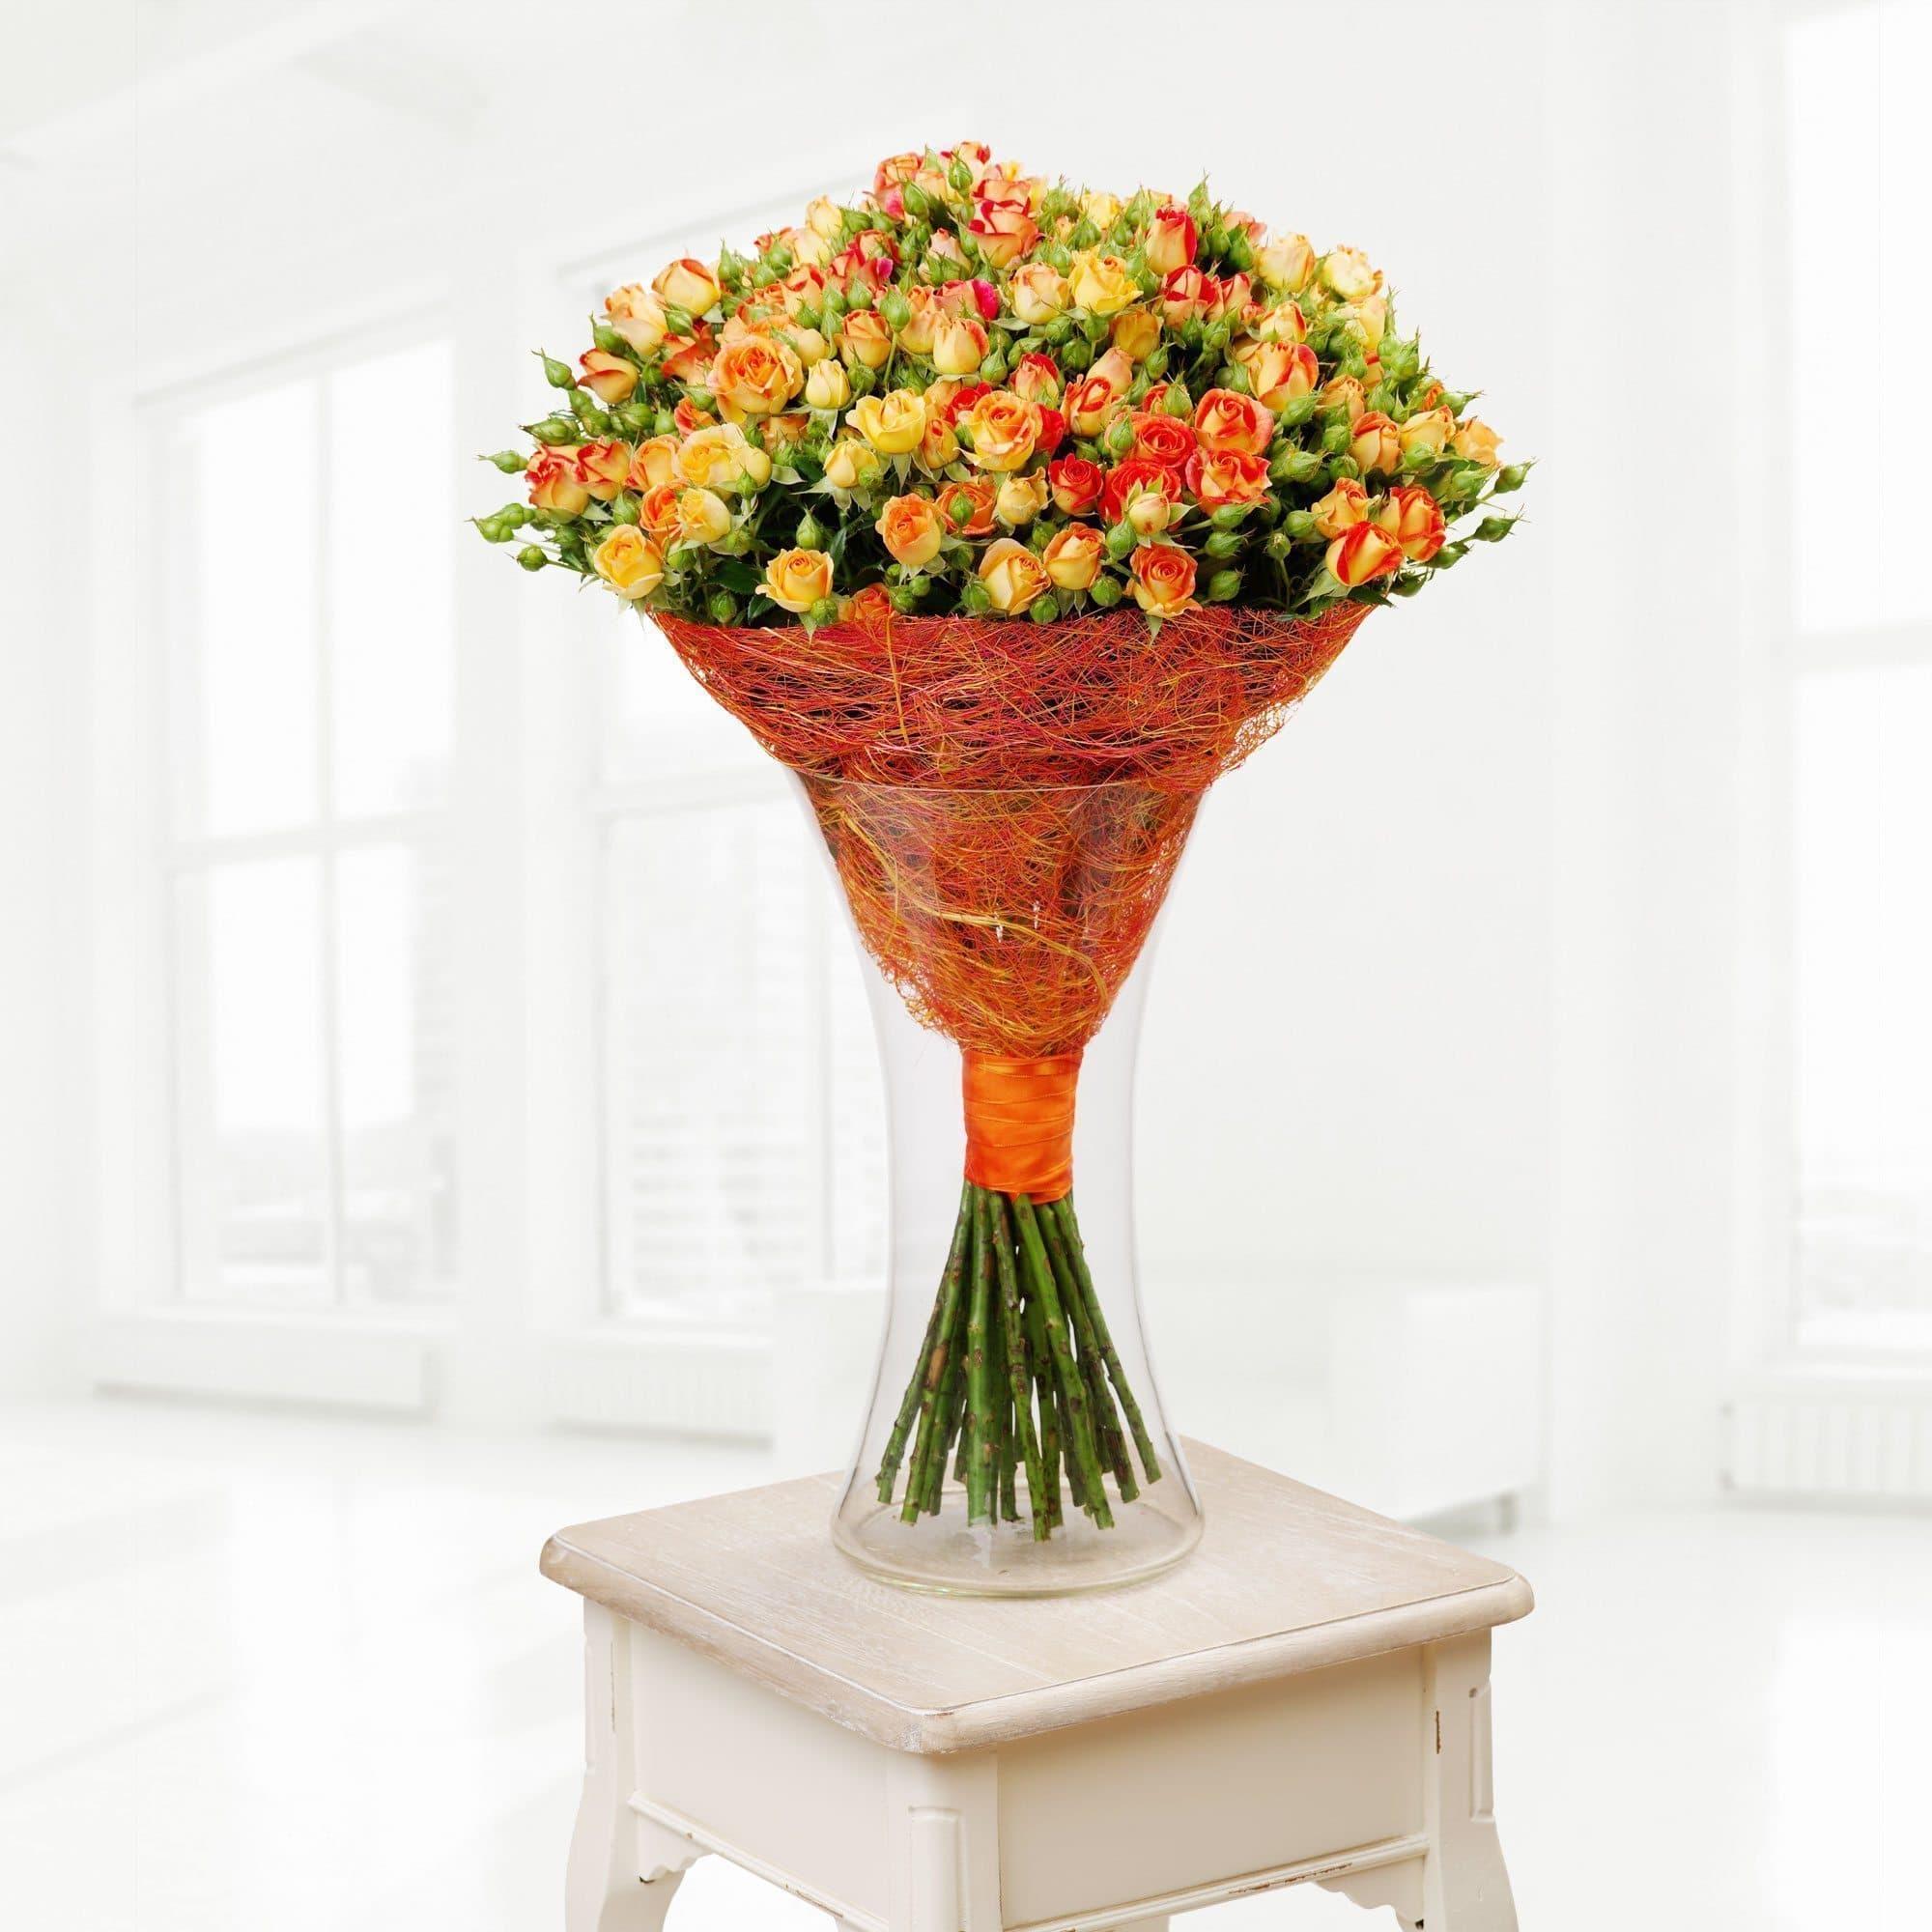 51 оранжевая кустовая розаОранжевые розы<br>Букет Rio составлен из 51 кустовой розы оранжевого цвета. Композиция прекрасно подойдет в качестве подарка на день рождения, день матери или 8 марта. Высота букета 60 см. Купить розы кустовых сортов вы можете у нас на сайте - мы предлагаем широкий выбор ц...<br>